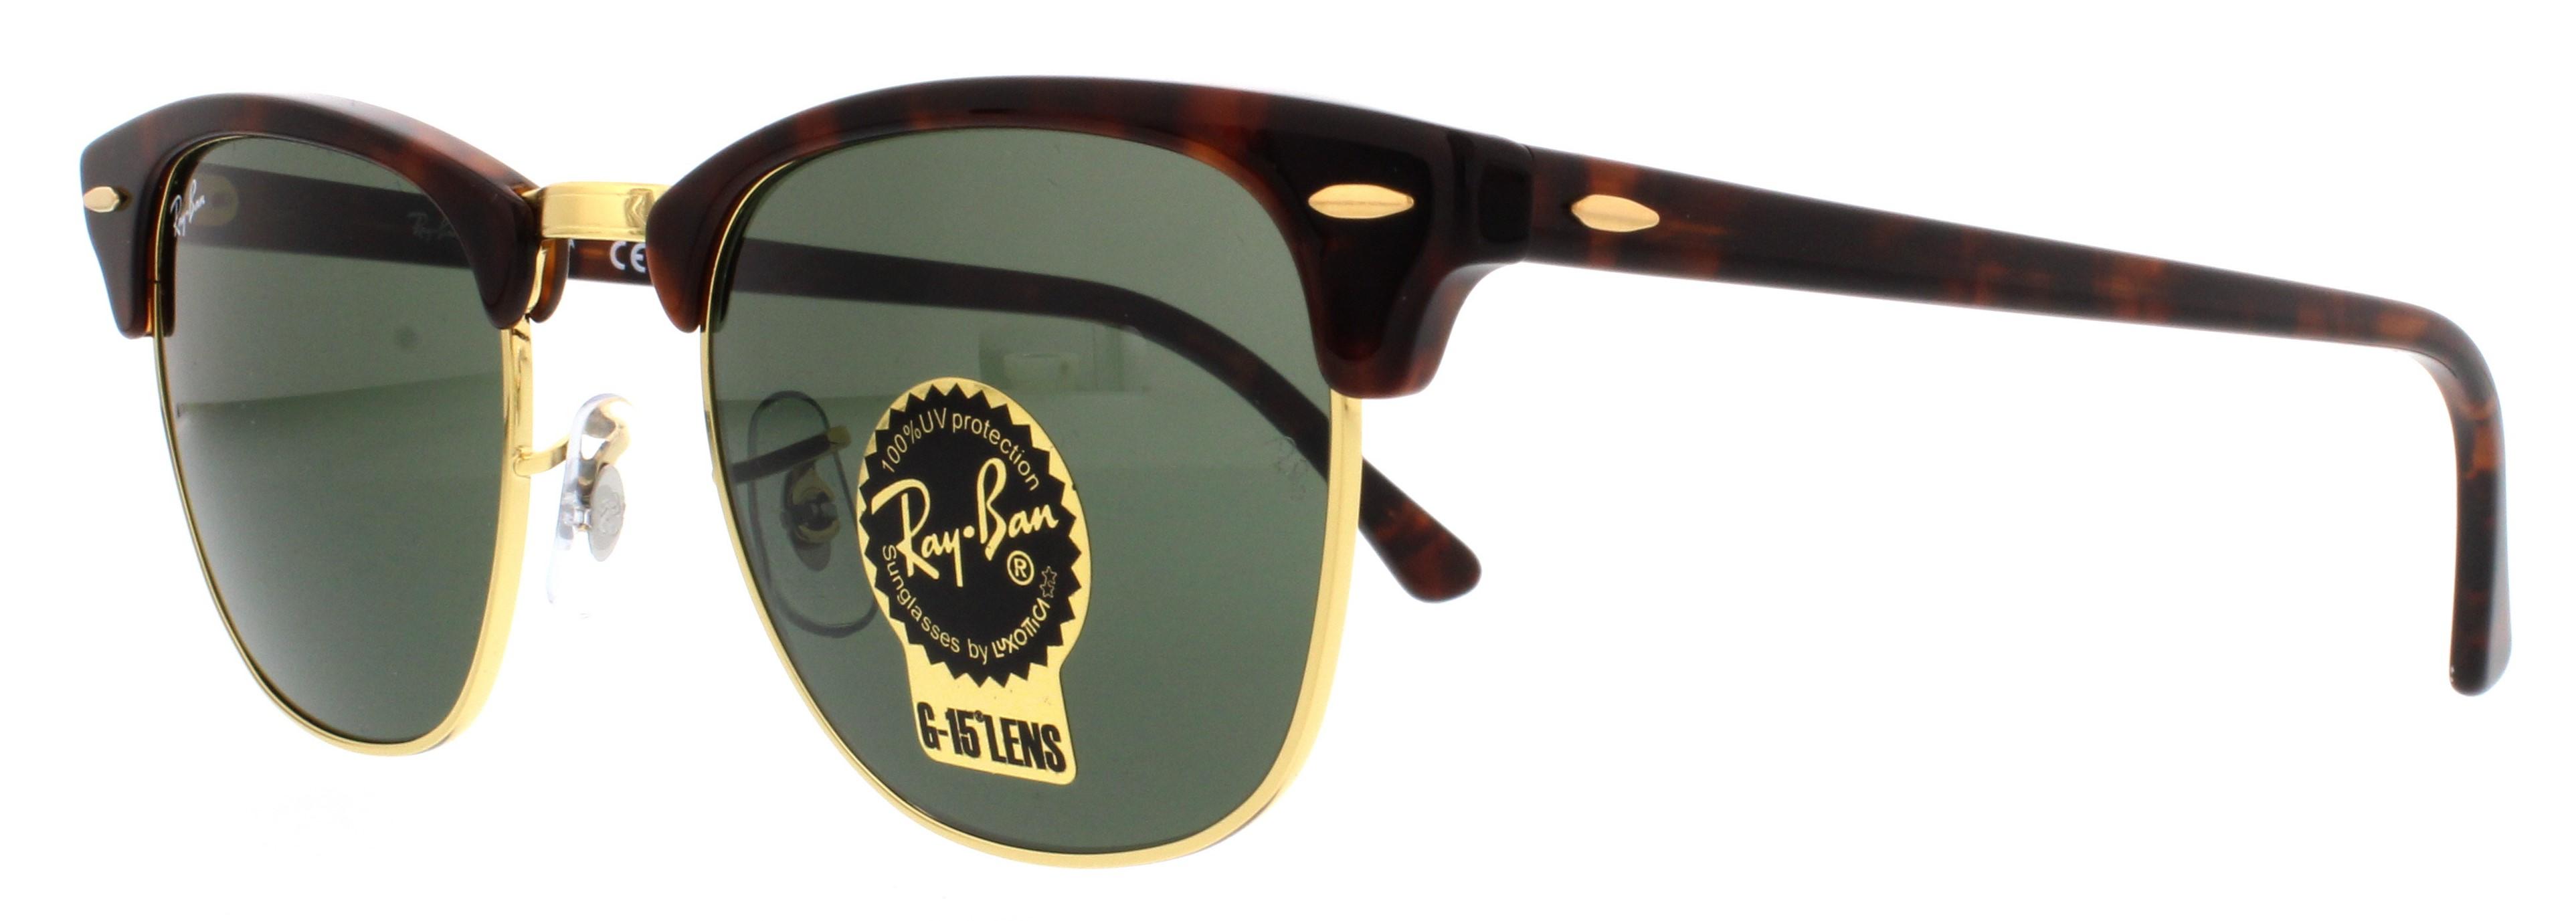 W0366 Tortoise Arista